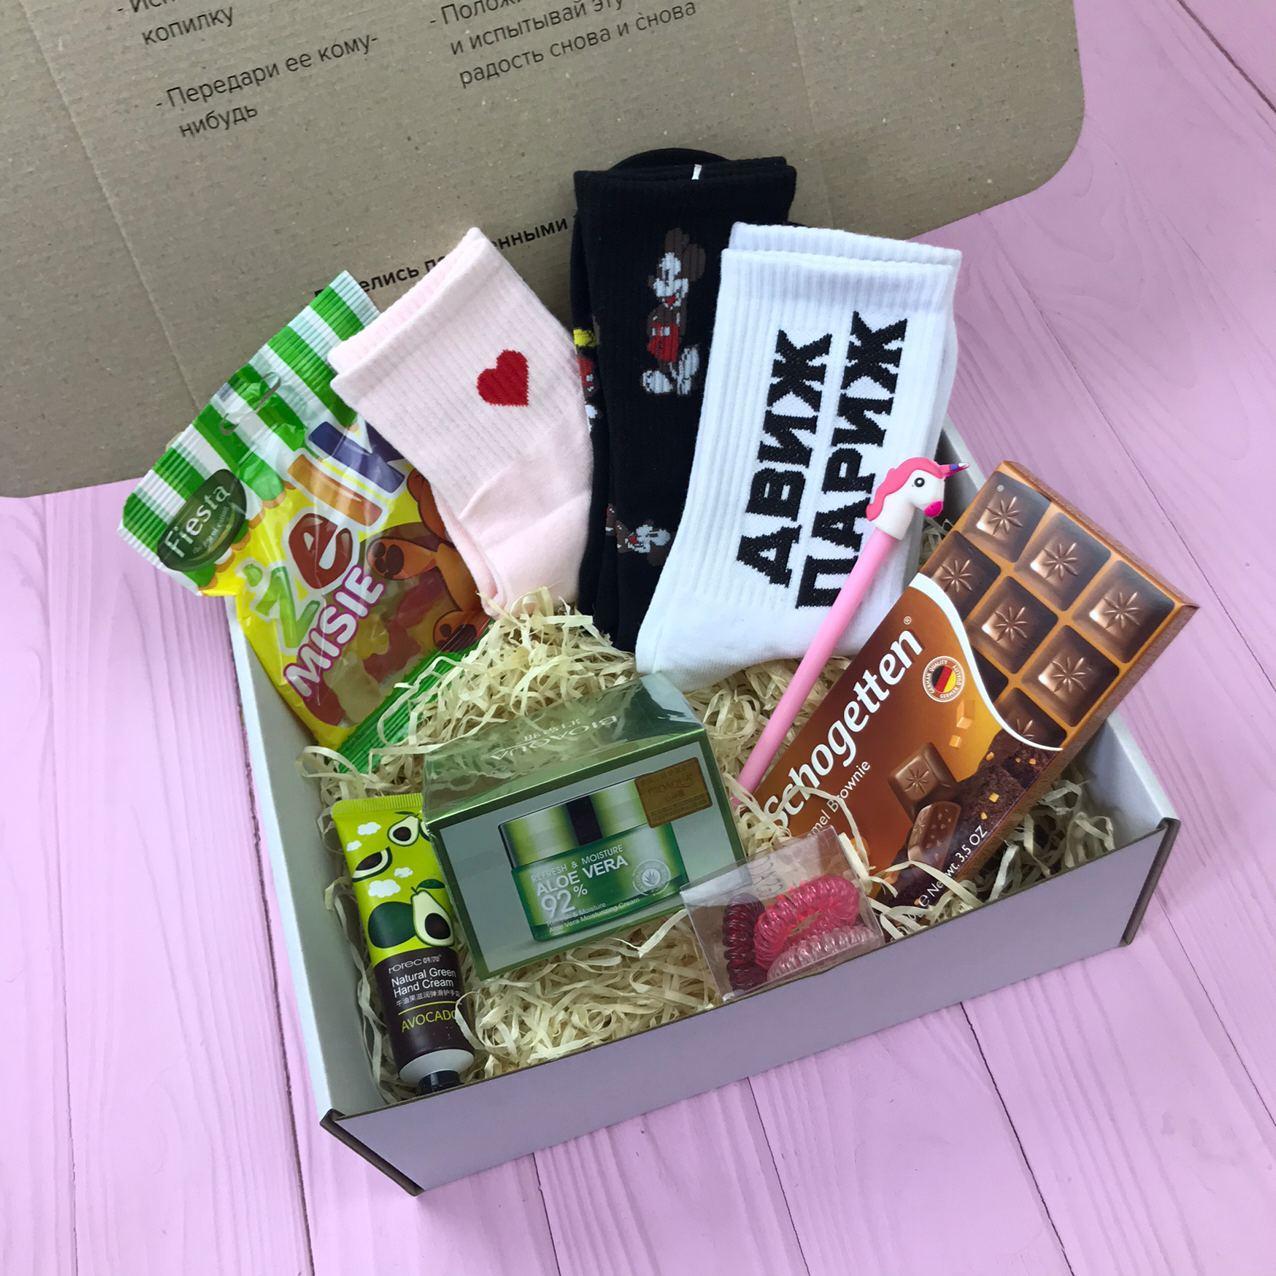 Подарочный Набор City-A Box Бокс для Женщины Сладкий Sweet Бьюти Beauty Box из 9 ед №2628